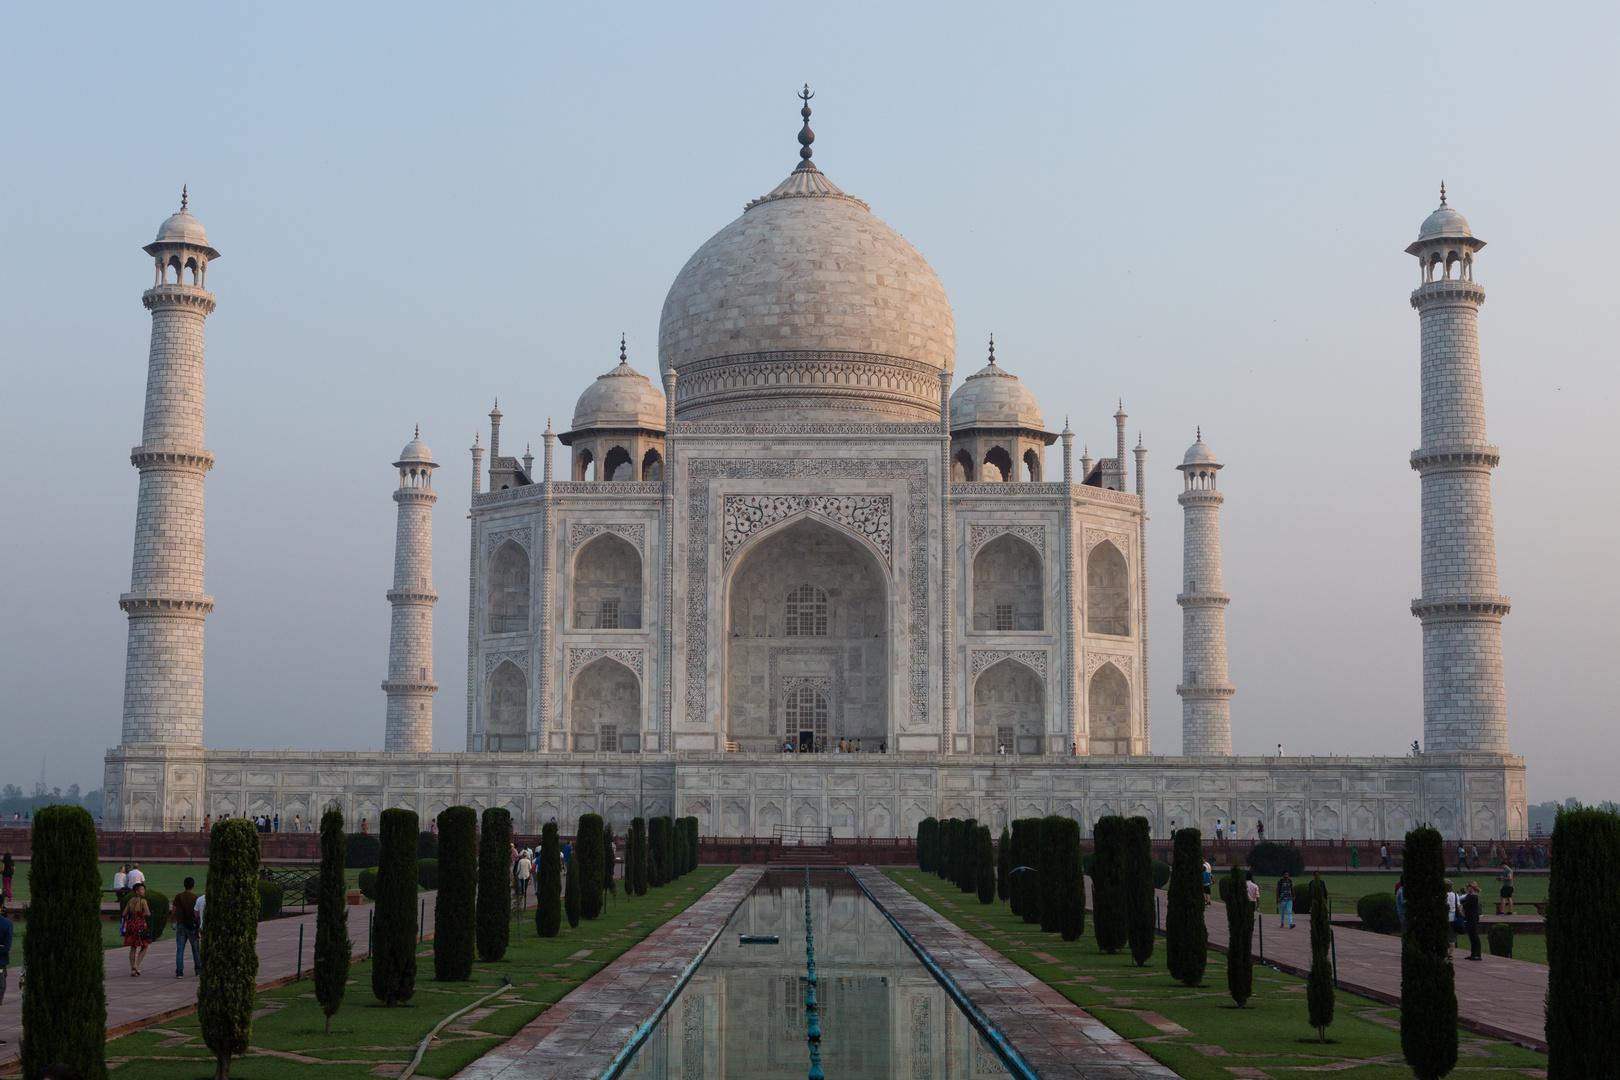 Das Taj Mahal - die klassische Ansicht (2)